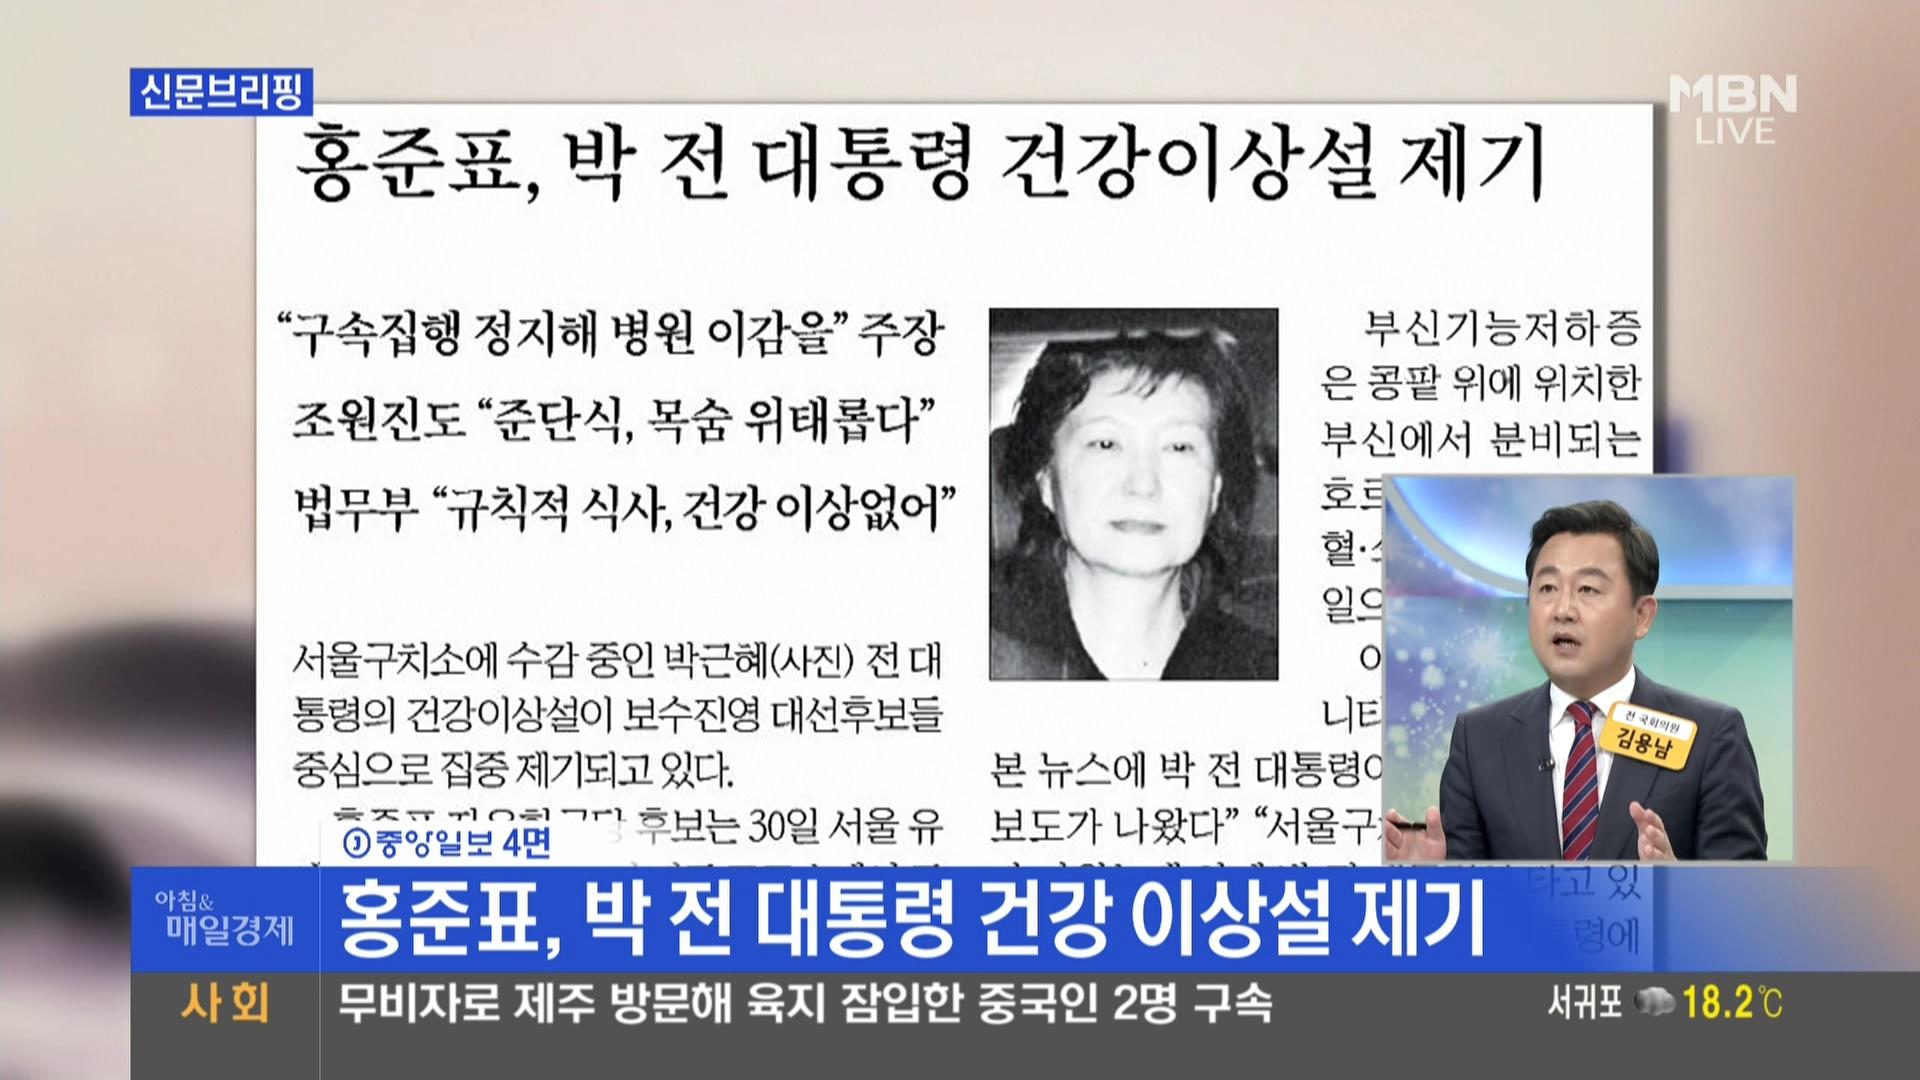 박근혜 건강.png